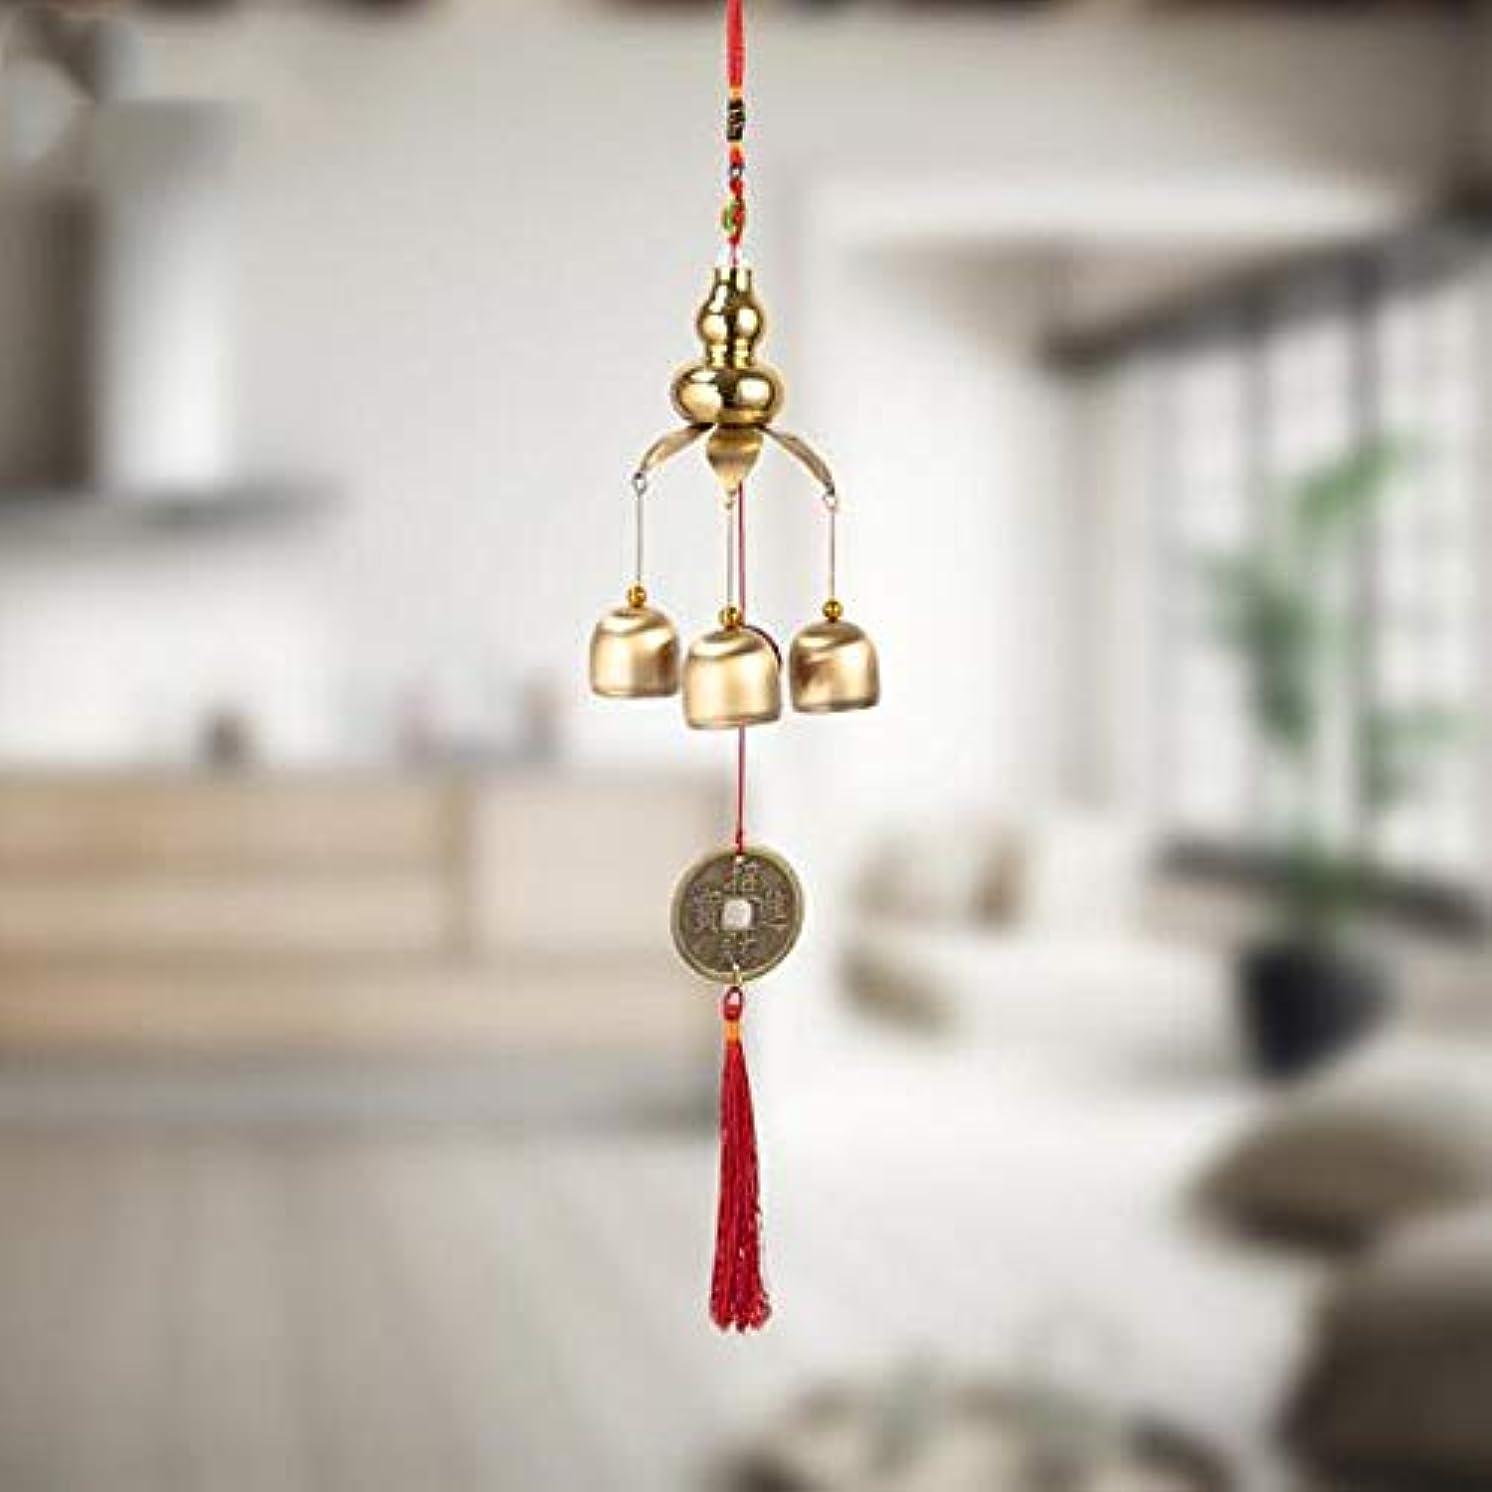 故国できないジャニスQiyuezhuangshi 風チャイム、クリエイティブ?銅ひょうたんホームデコレーション風チャイム、ゴールド、約45CMの長さの合計,美しいホリデーギフト (Color : A)